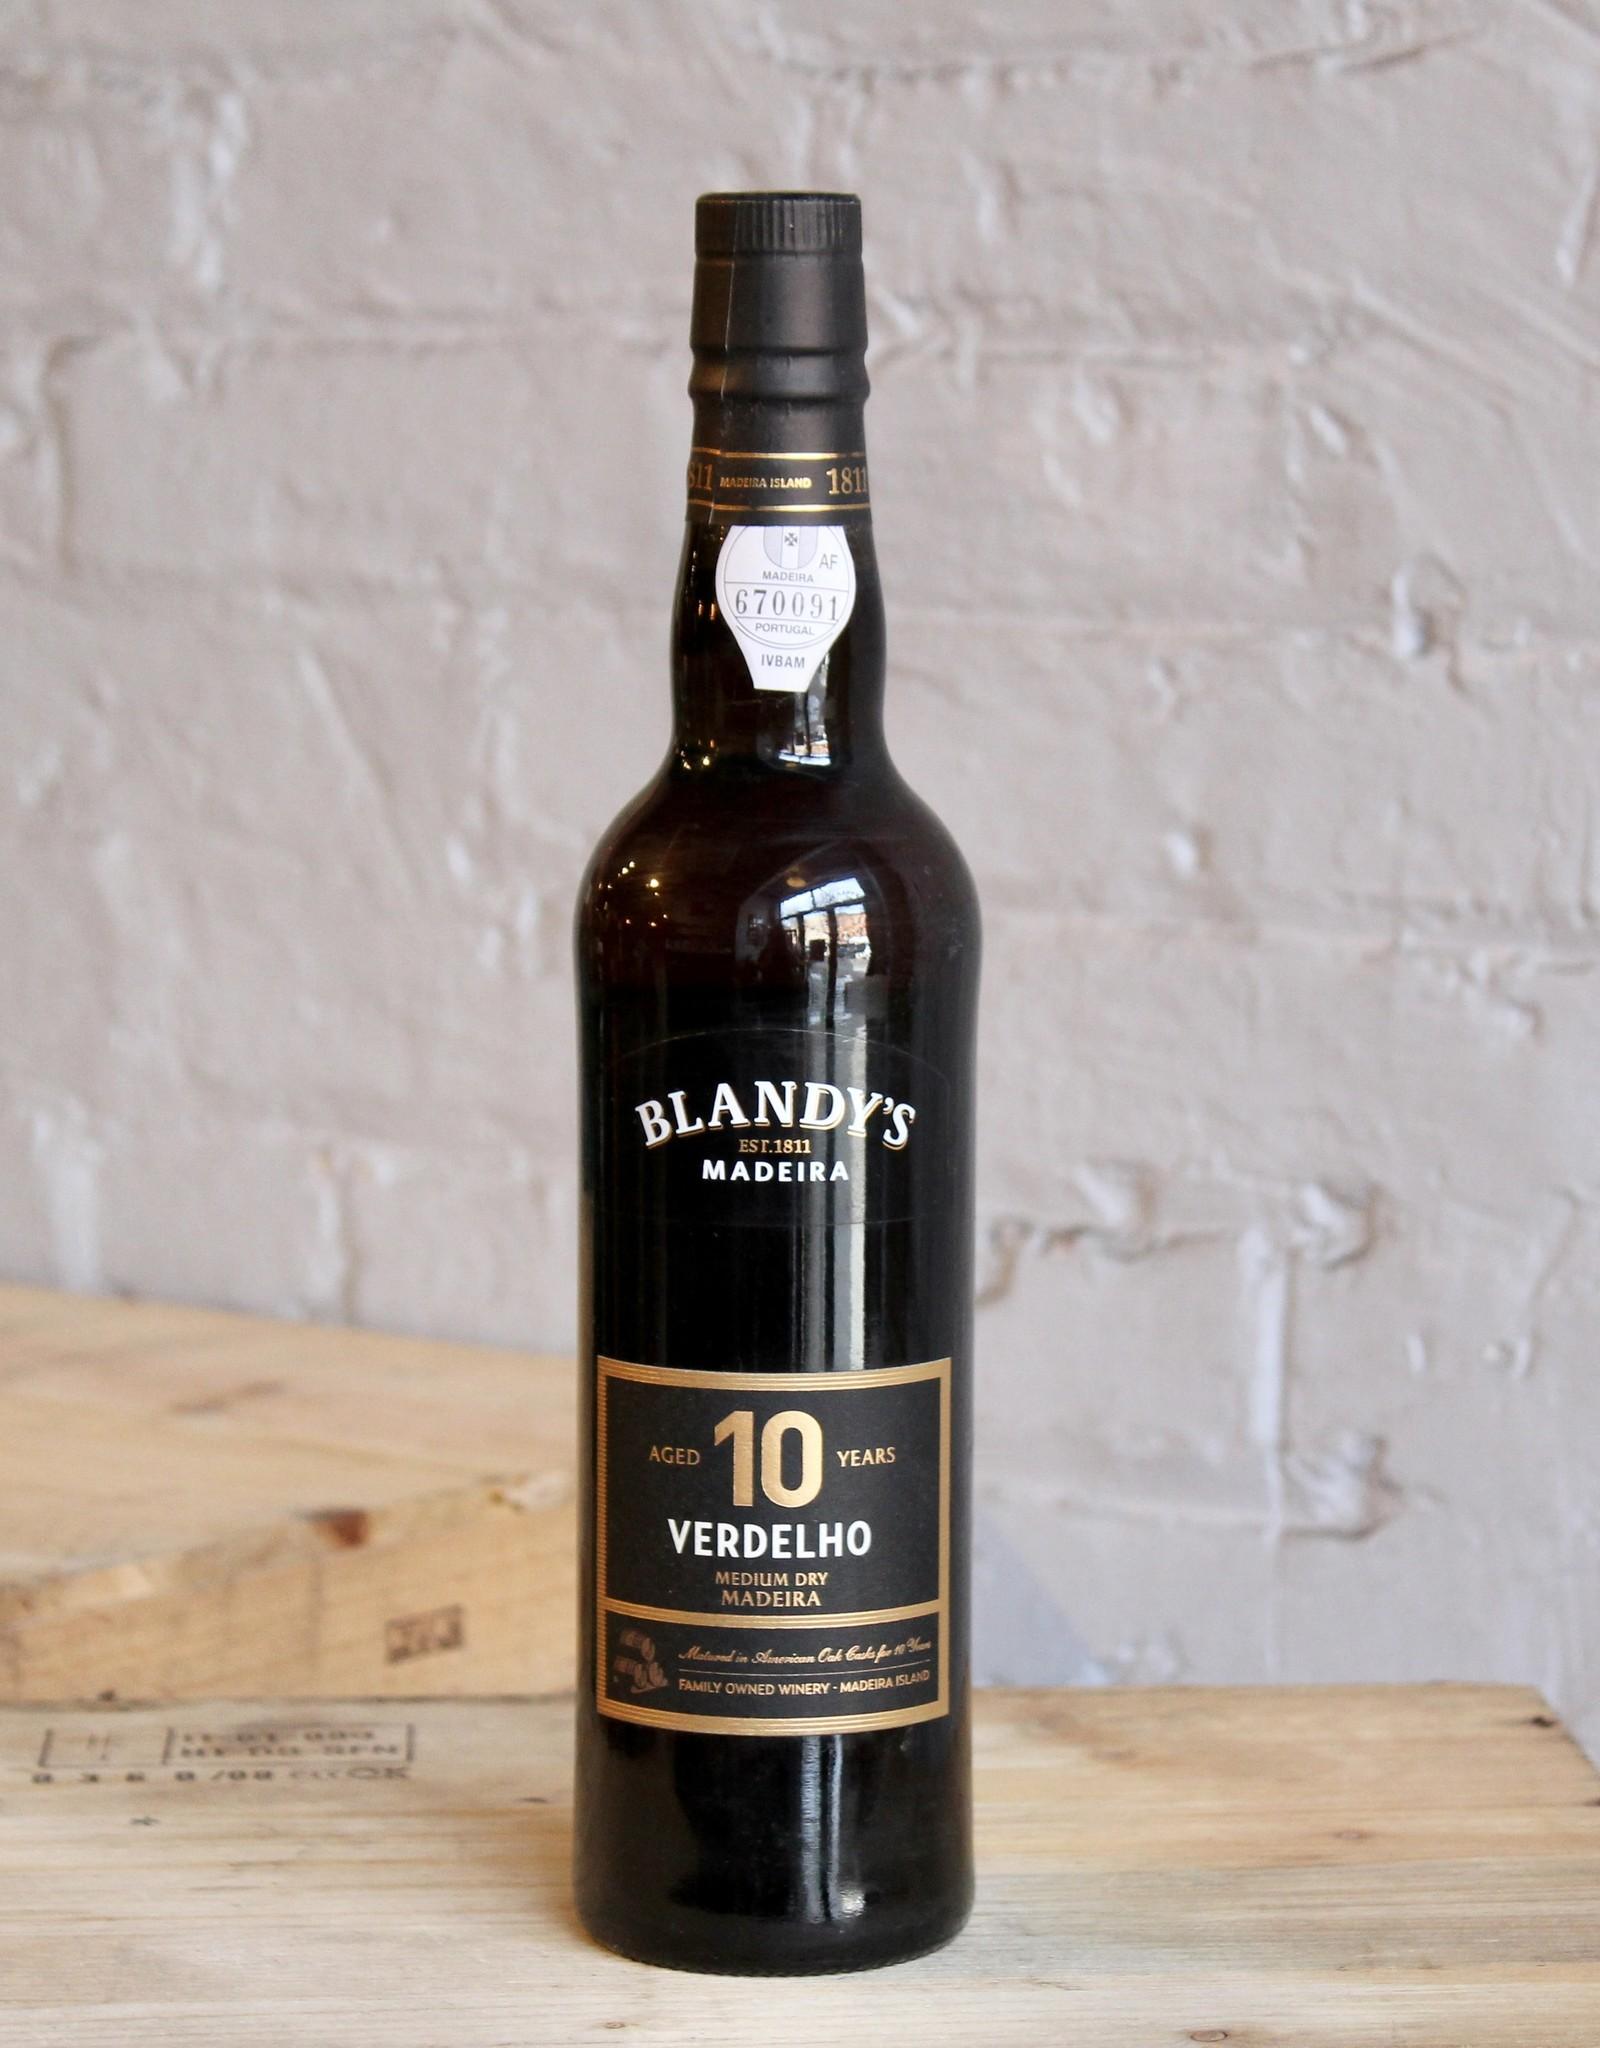 Wine Blandy's 10yr Old Verdelho - Madeira, Portugal (500ml)